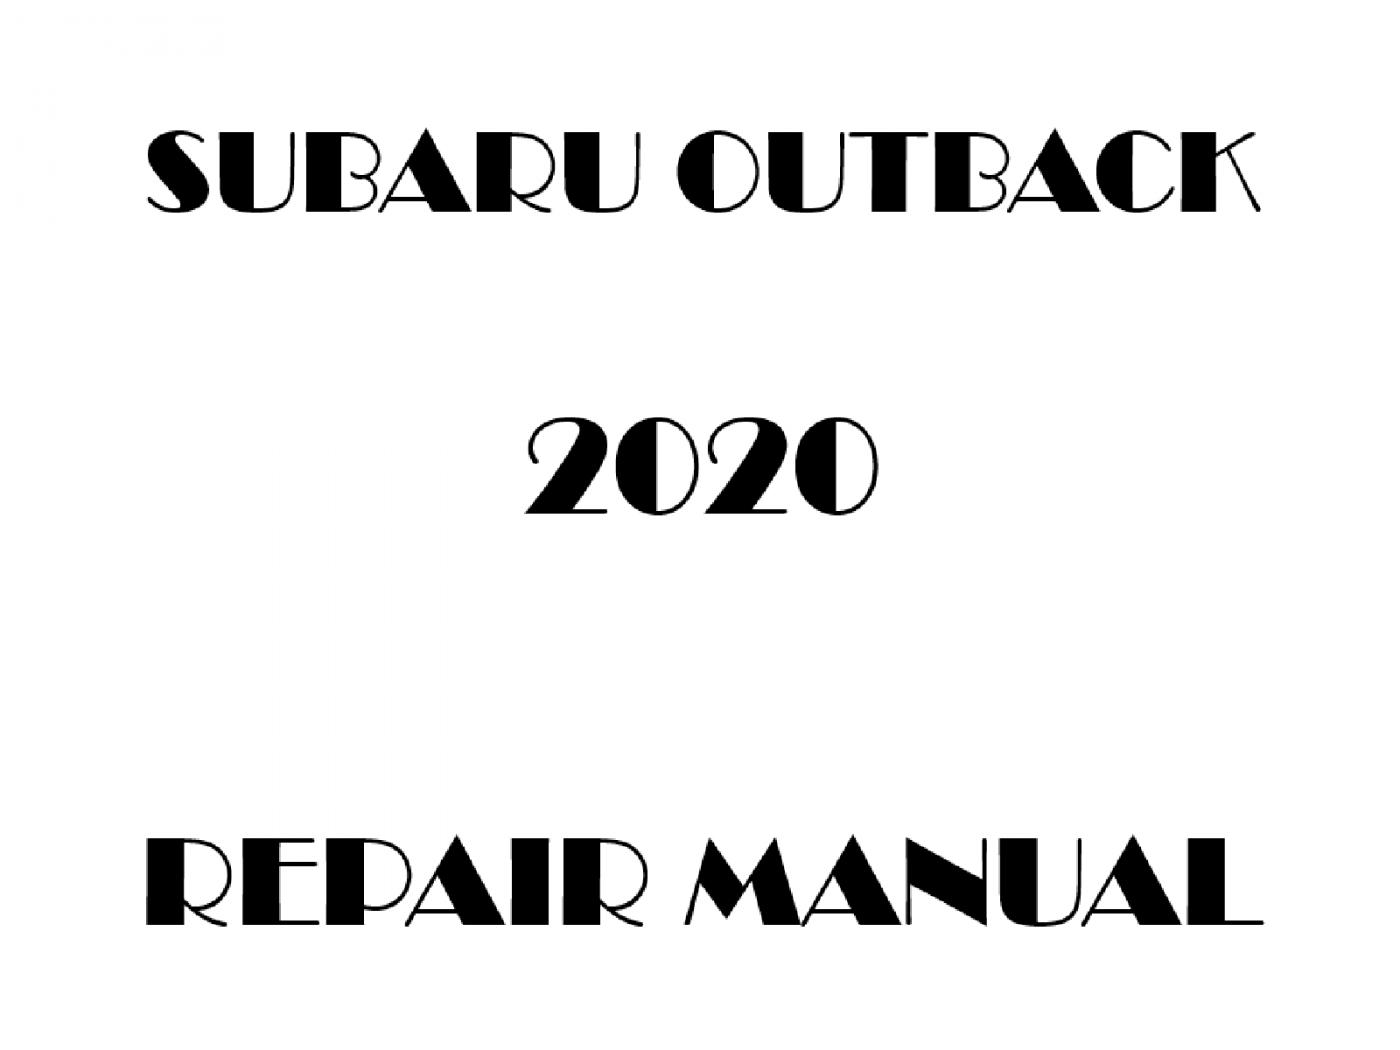 2020 Subaru Outback repair manual